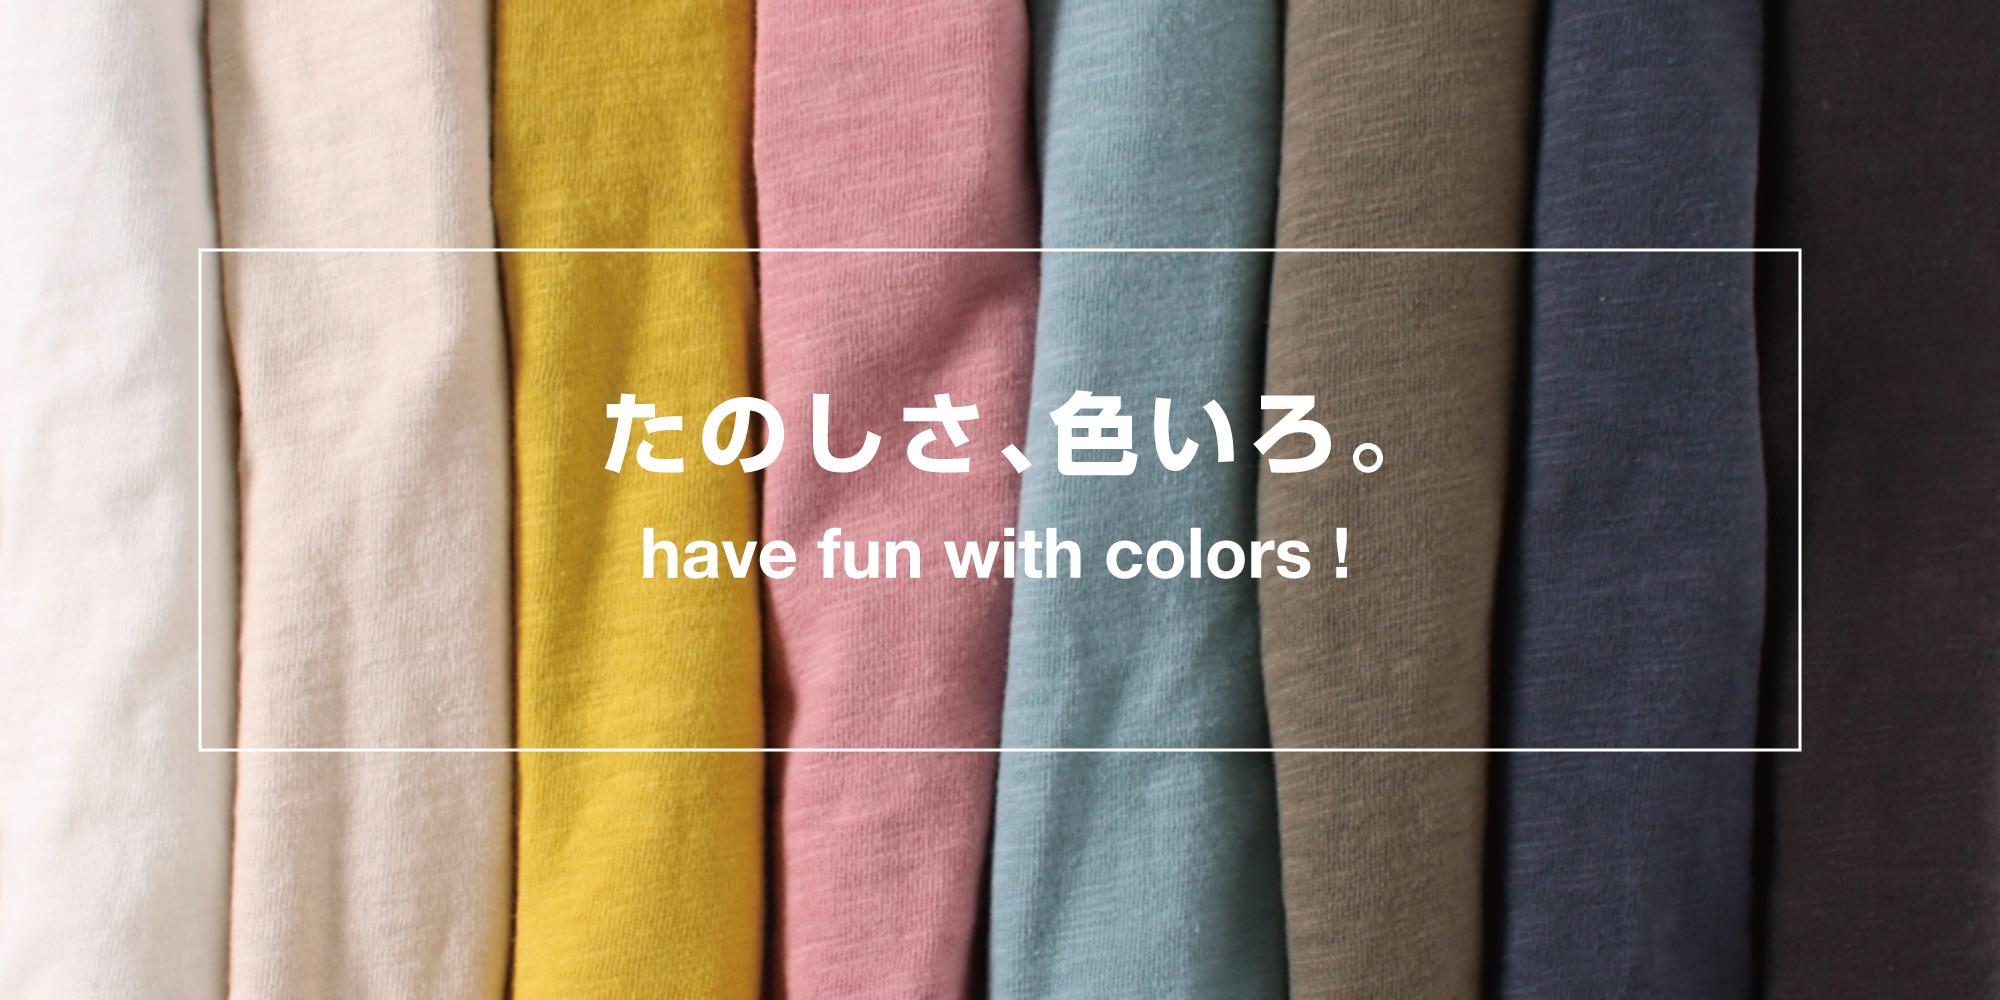 色で選ぶnoa department store.のTシャツ